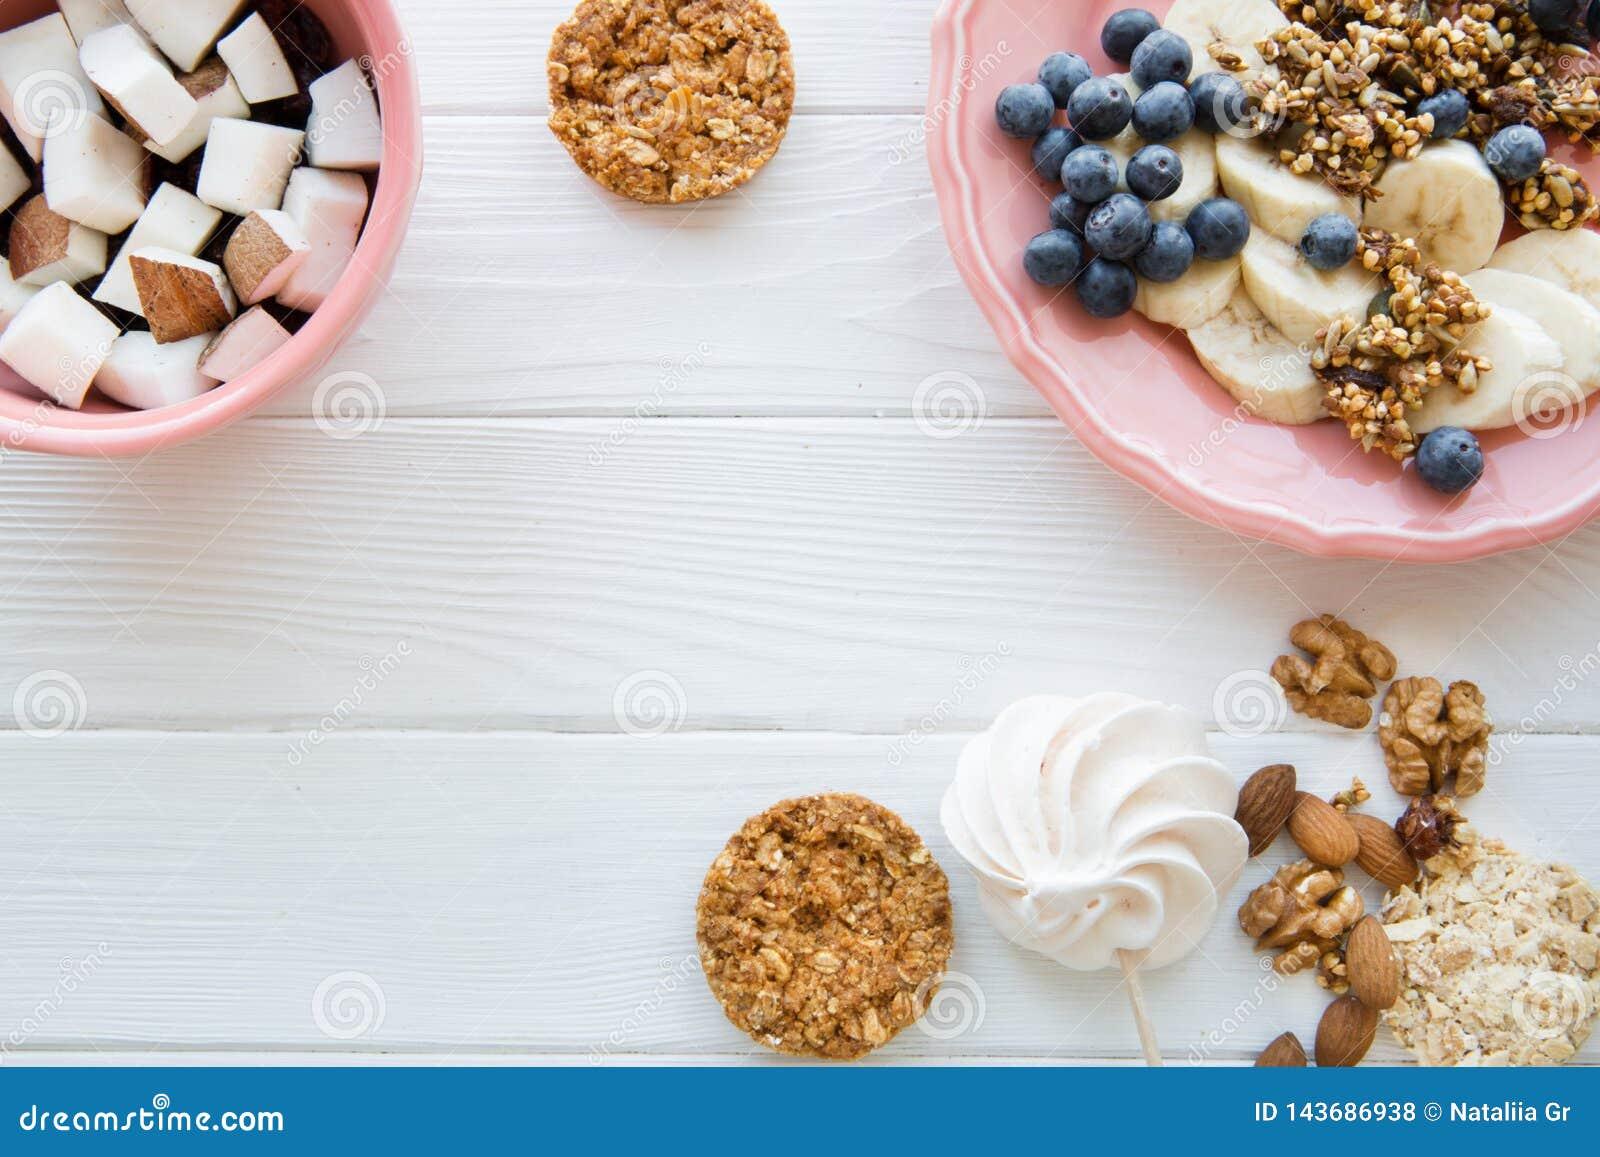 Вкусные закуски на белой таблице, различные виды плодов и печенья, космос экземпляра